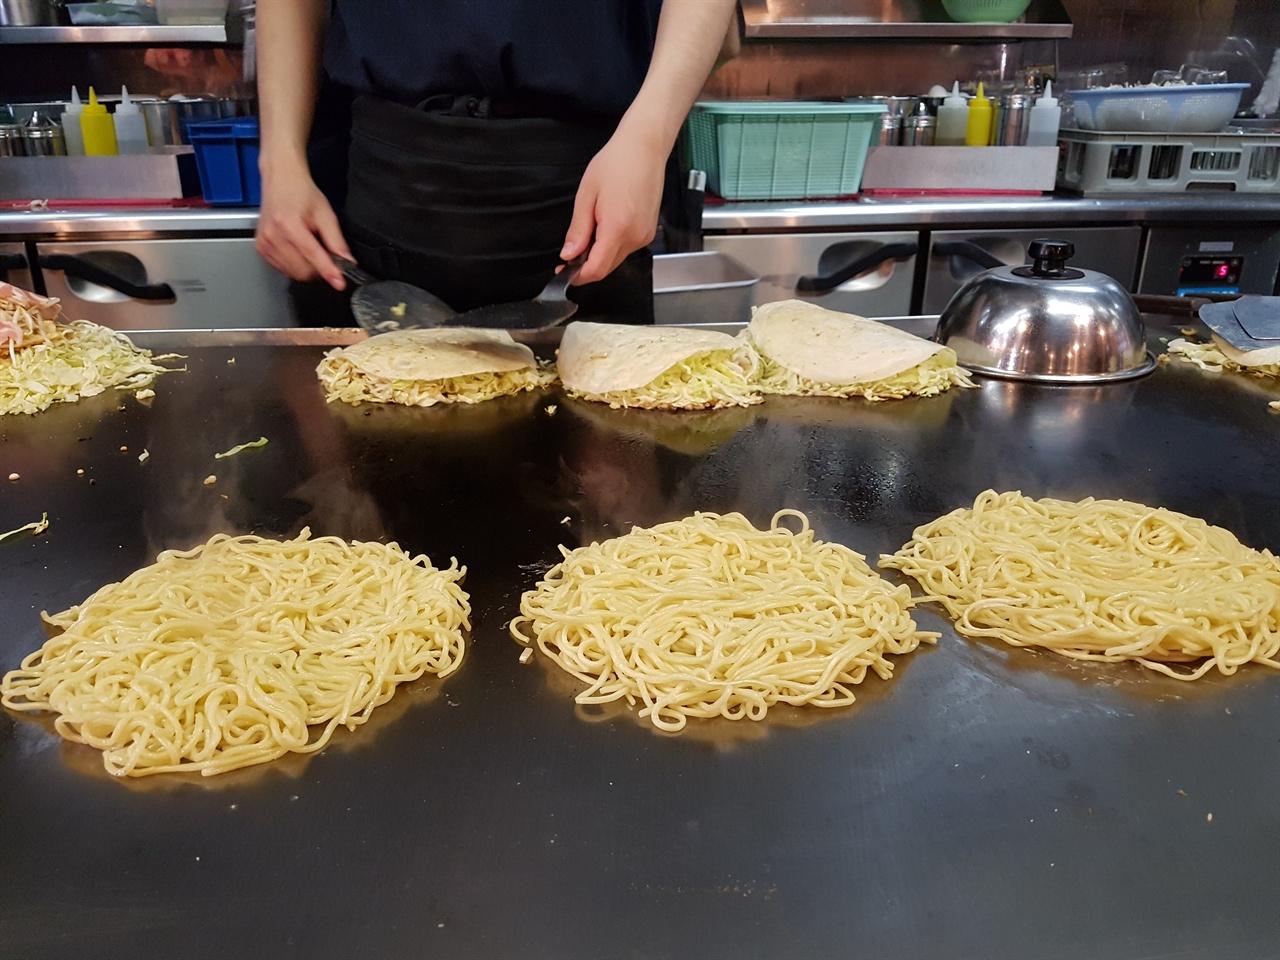 오꼬노미야끼를 굽는 철판 3-4미터정도의 대형 철판